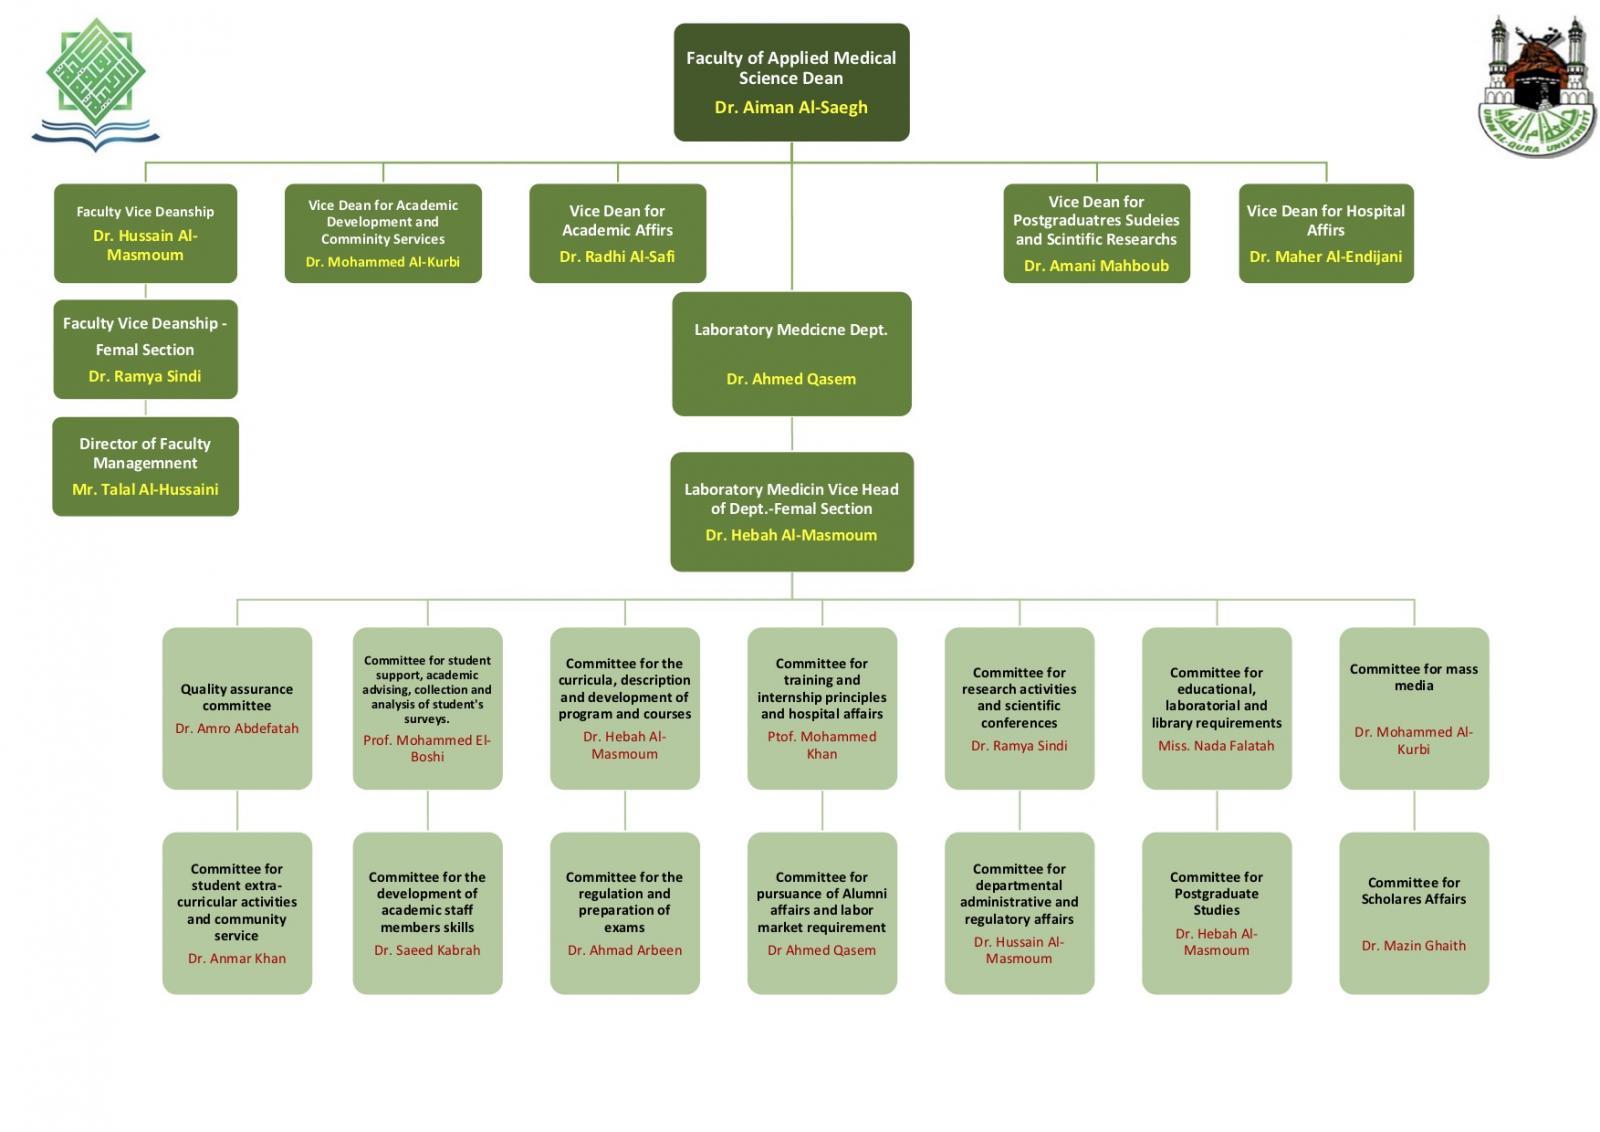 الهيكل التنظيمي لطب المختبرات